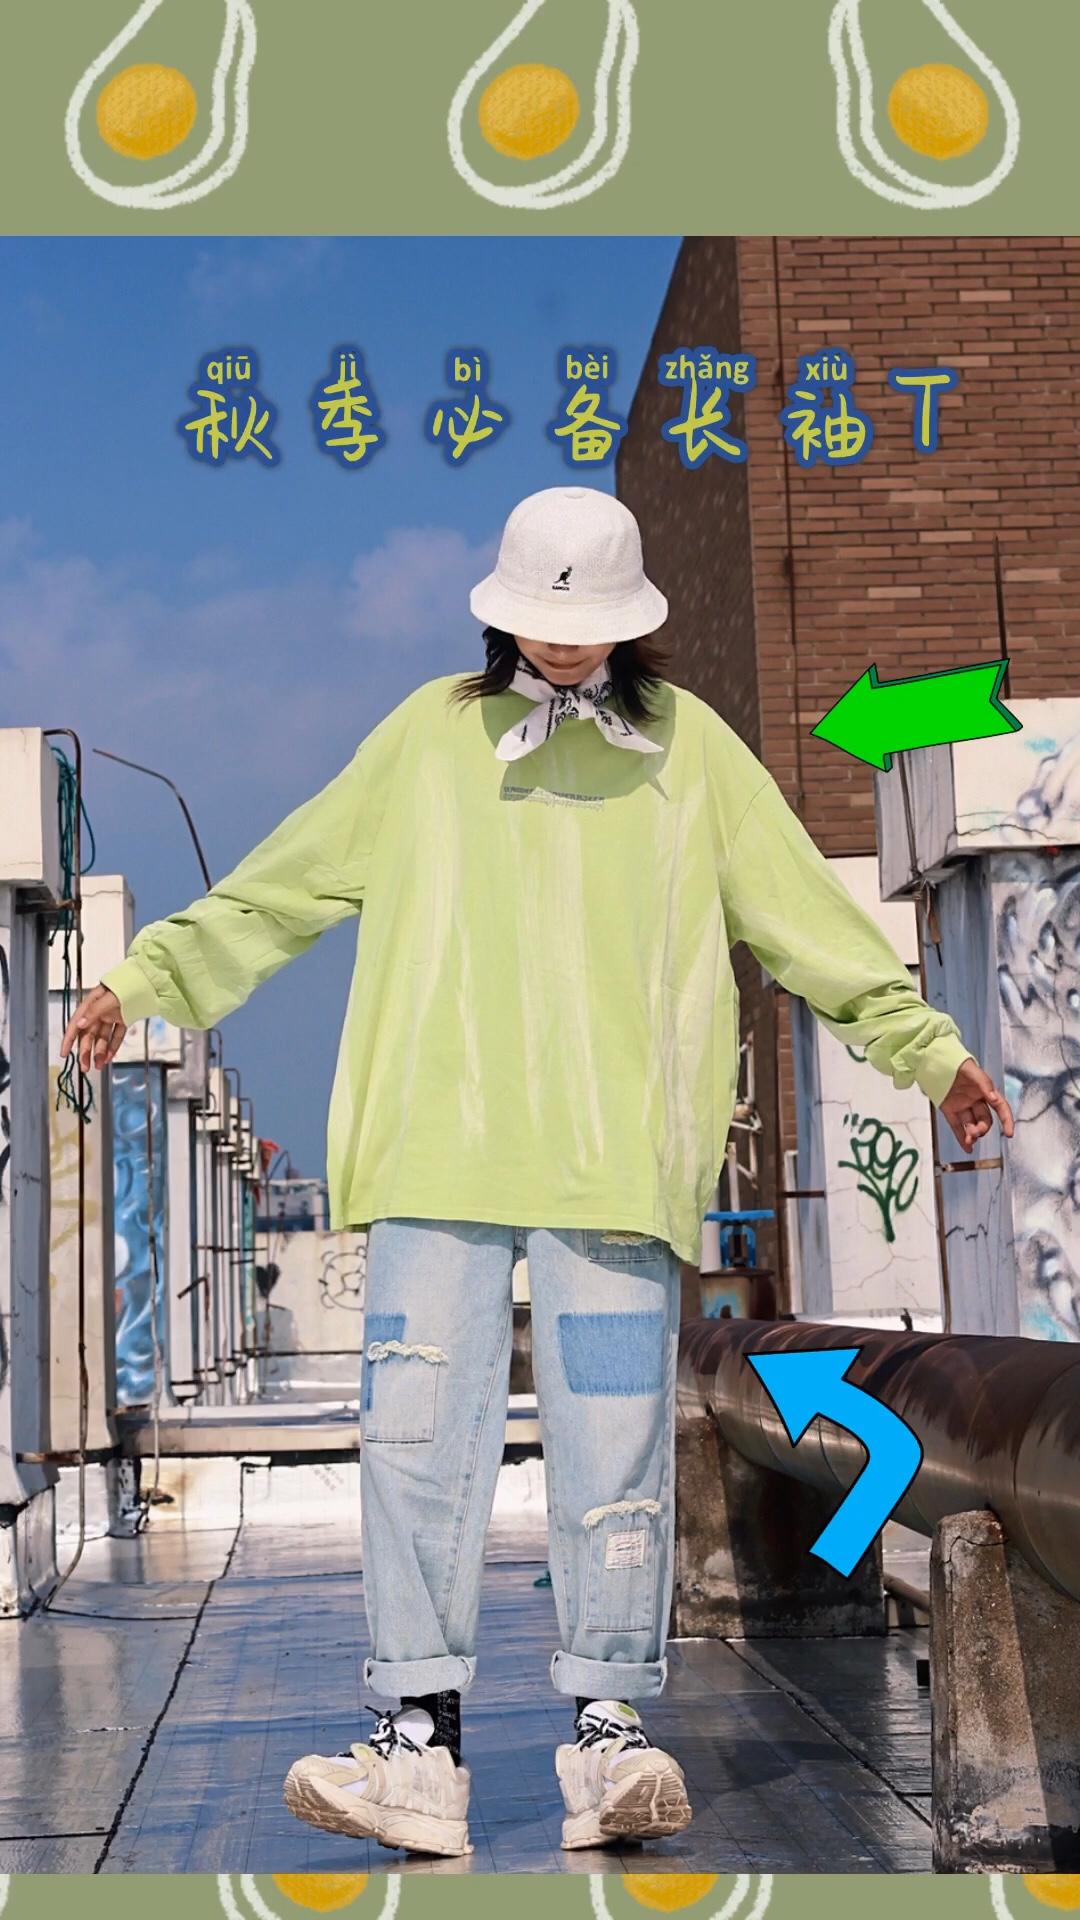 #换季闹衣荒,剁手要趁早# 秋天来了也要穿清新果绿!长袖t经典好穿 搭配经典单品牛仔裤契合度满分